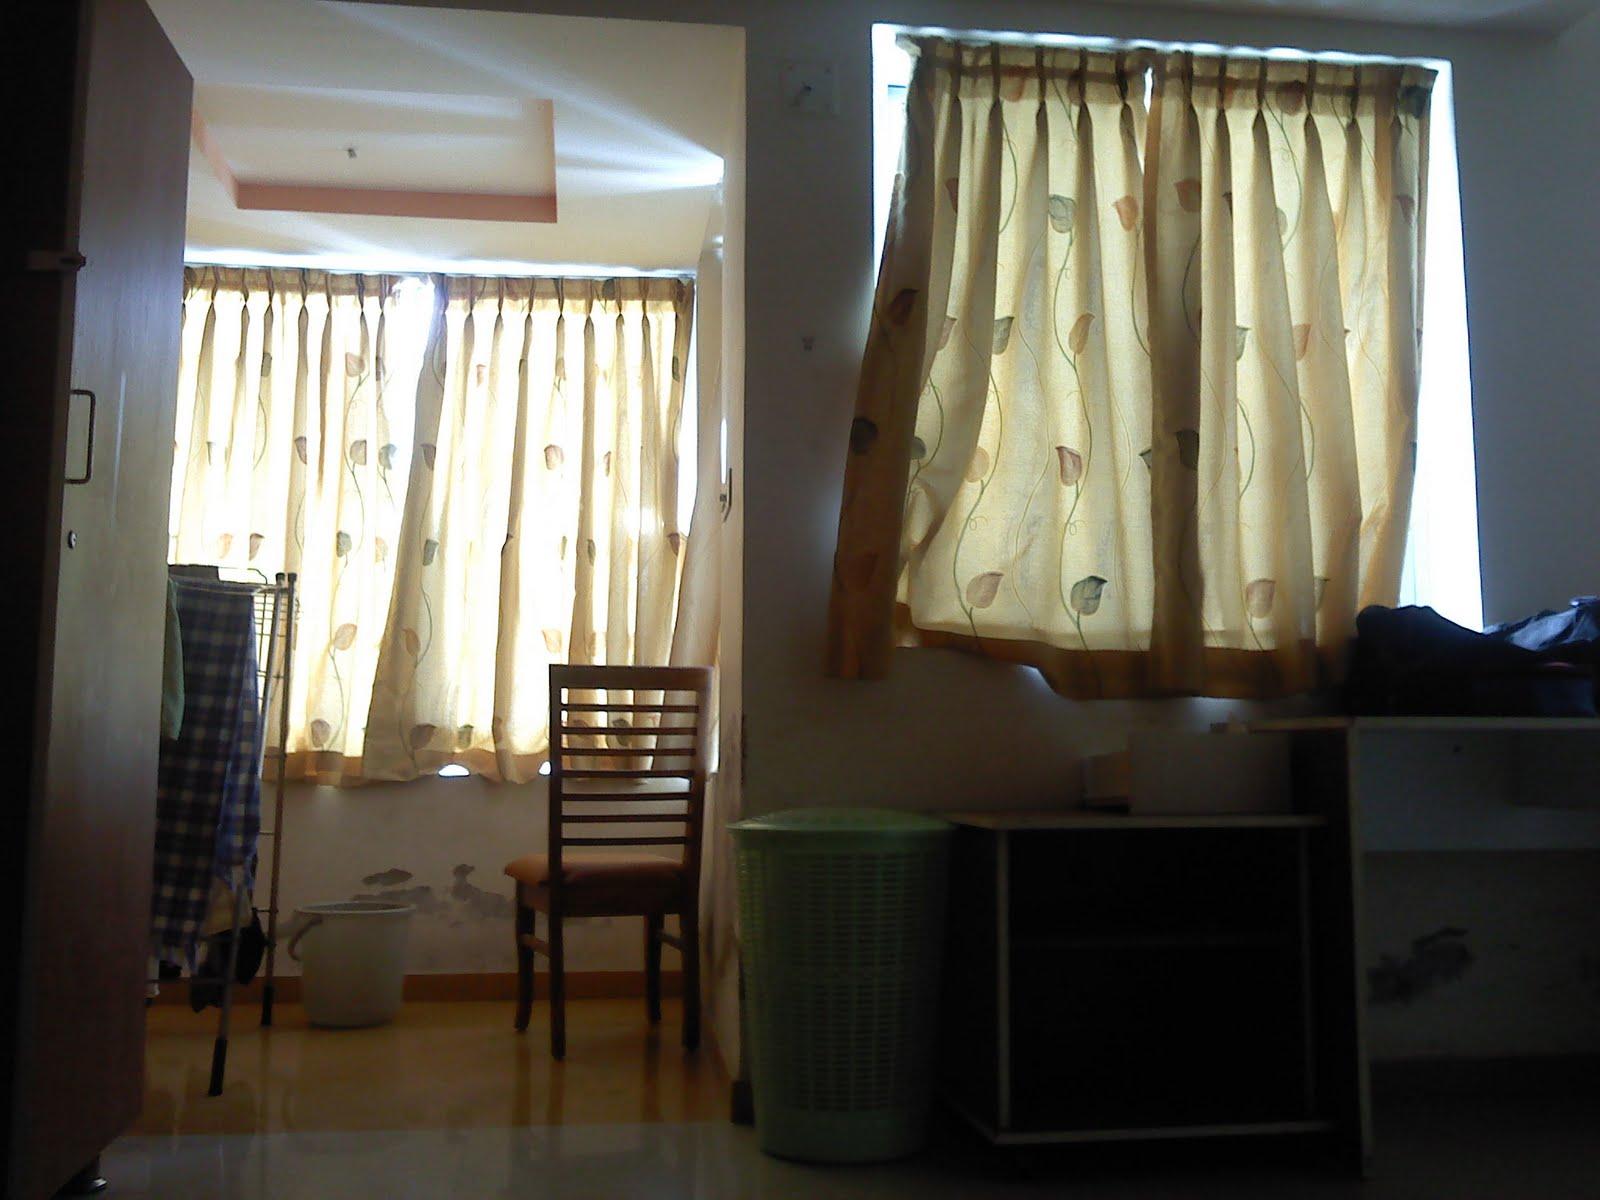 Studio Apartment Ahmedabad Tcs unique studio apartment ahmedabad tcs wonders hotel near infocity